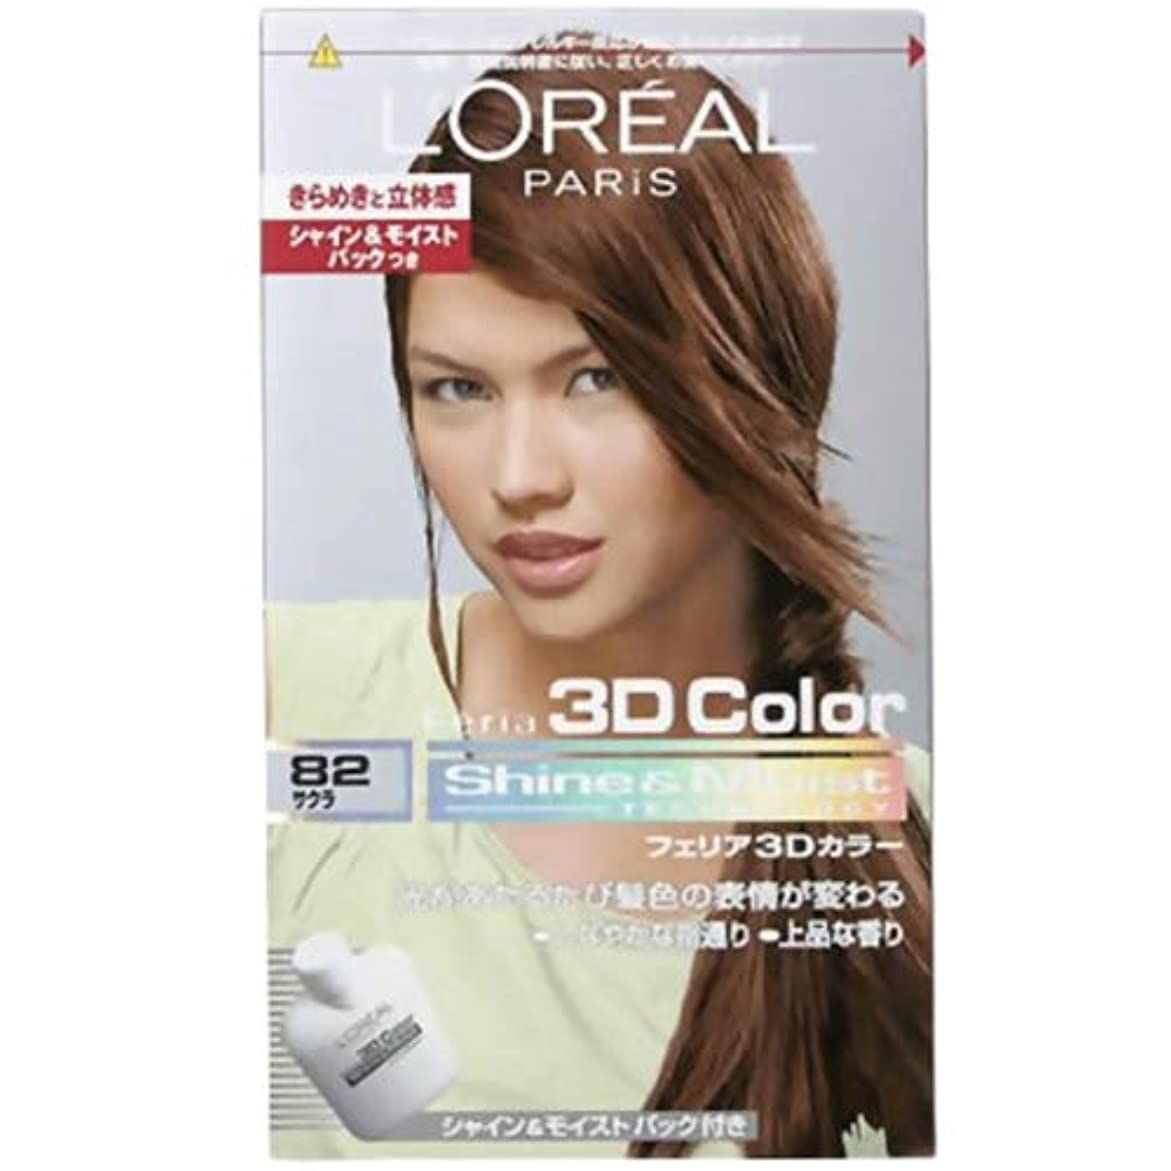 行商人純粋な却下する日本ロレアル フェリア3Dカラー シャイン&モイストテクロノジー#82 サクラ